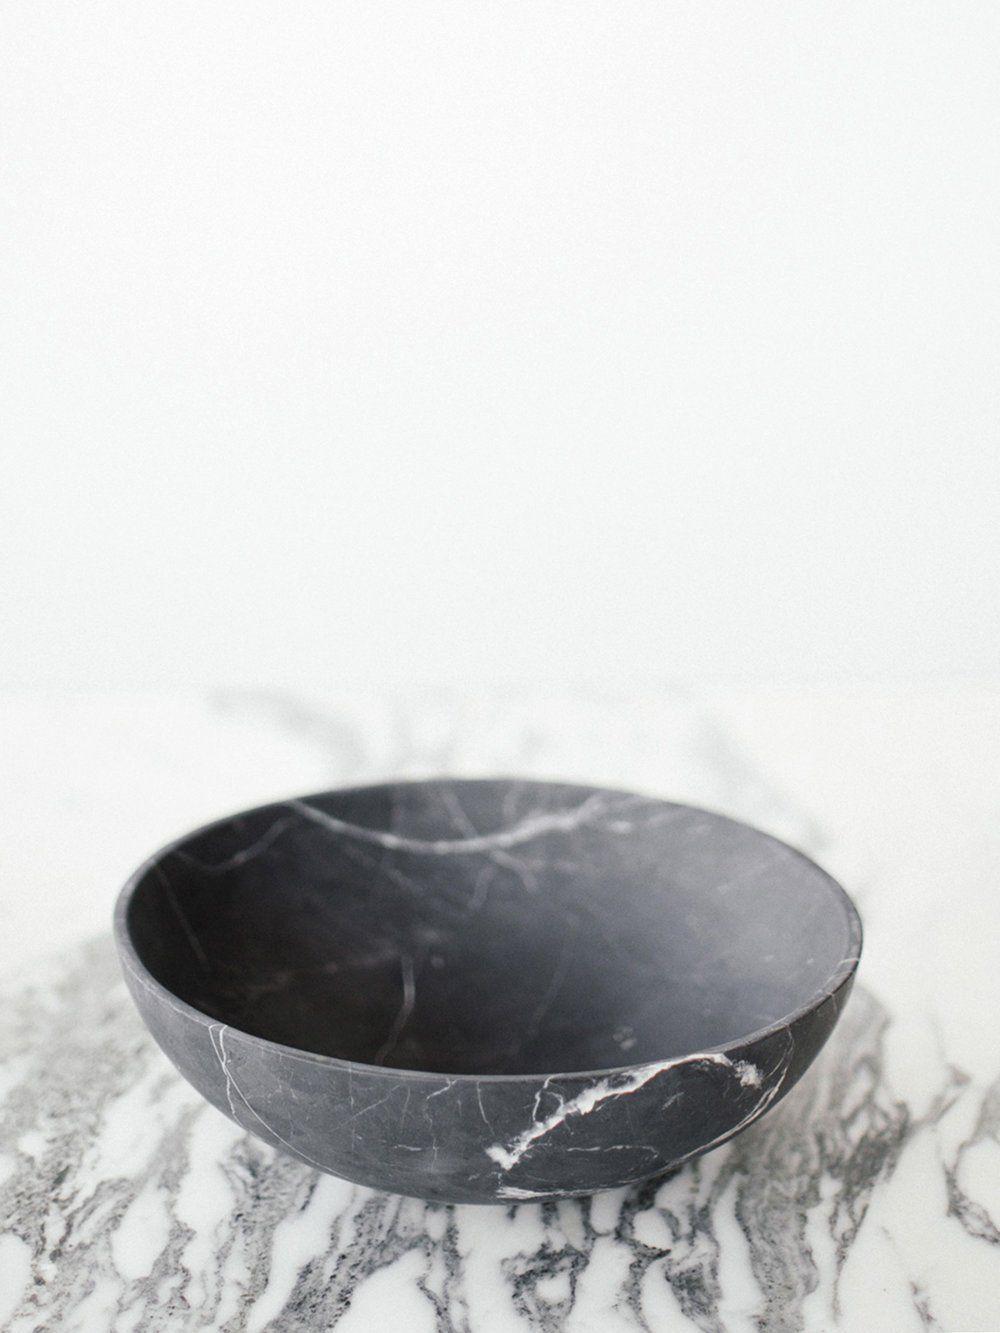 Cdmx Casa Mineral Ming Grande Bowl In Black Marble In 2020 Black Marble Marble Bowl Centerpiece Bowl